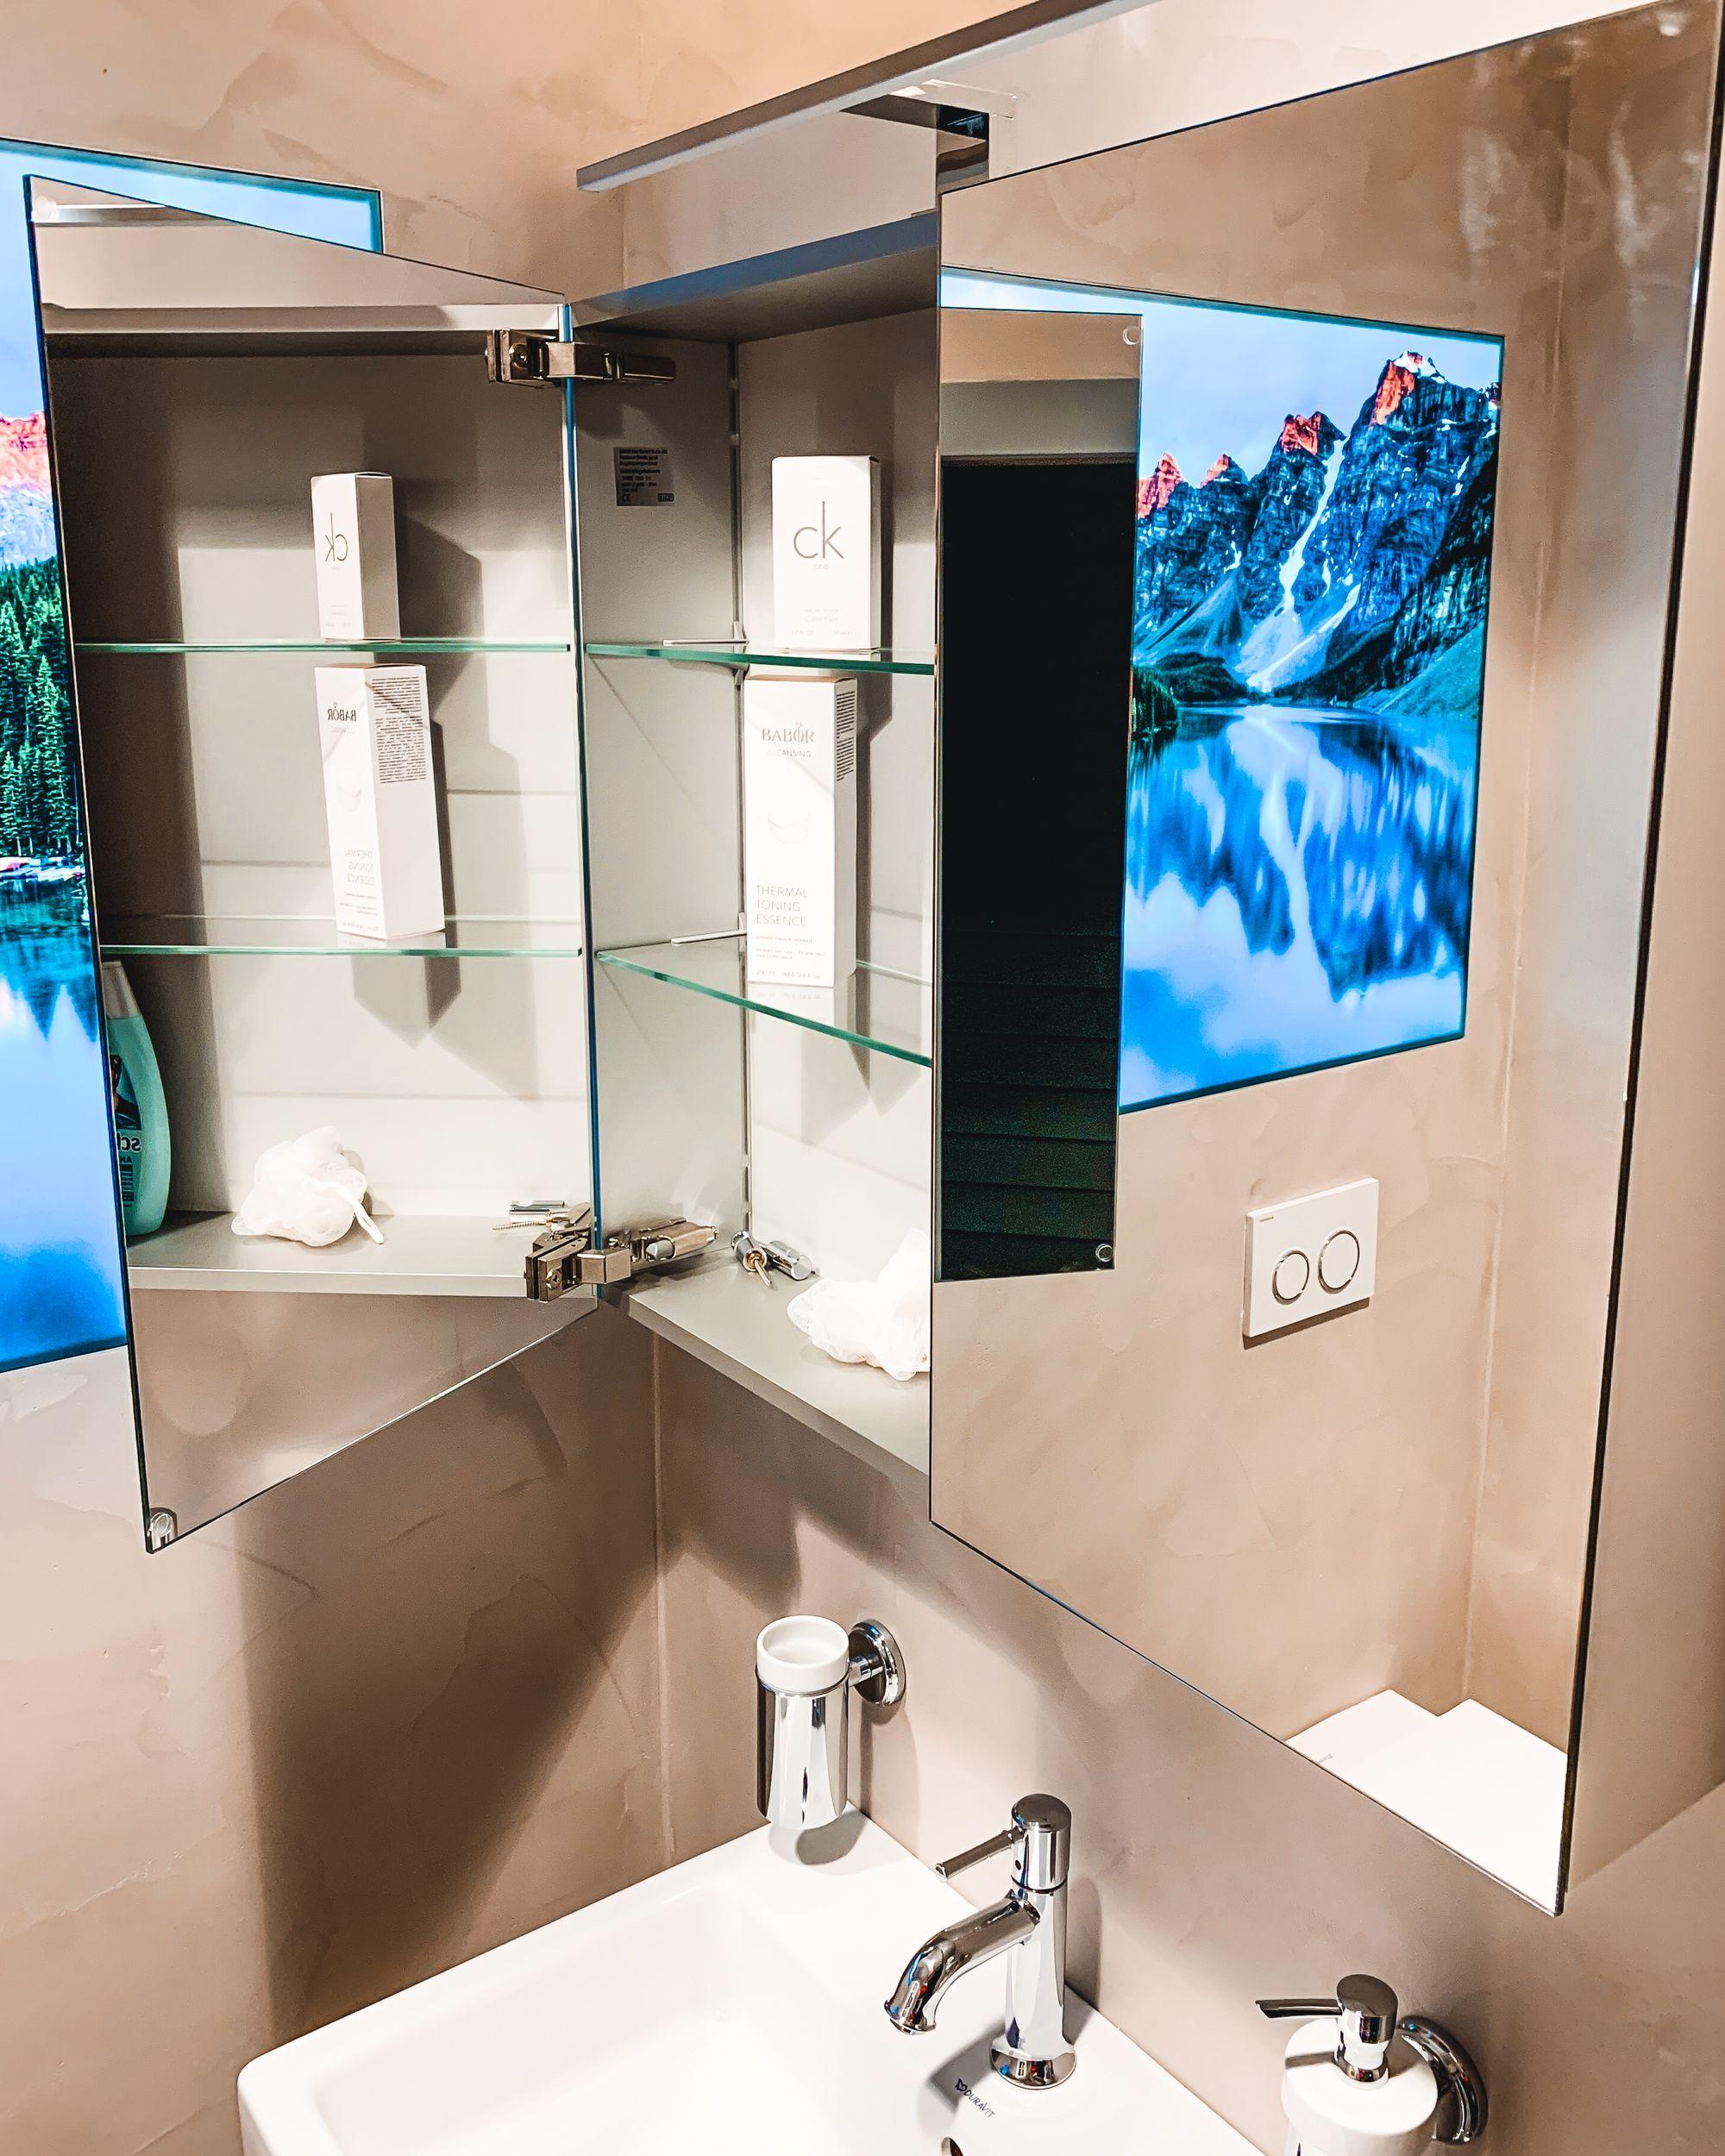 Auch Fur Kleine Bader Haben Wir Die Passenden Losungen Heute Ist Unsere Ausstellung Wieder Schauoffen Also Eine In 2020 Mit Bildern Neues Badezimmer Badsanierung Badrenovierung